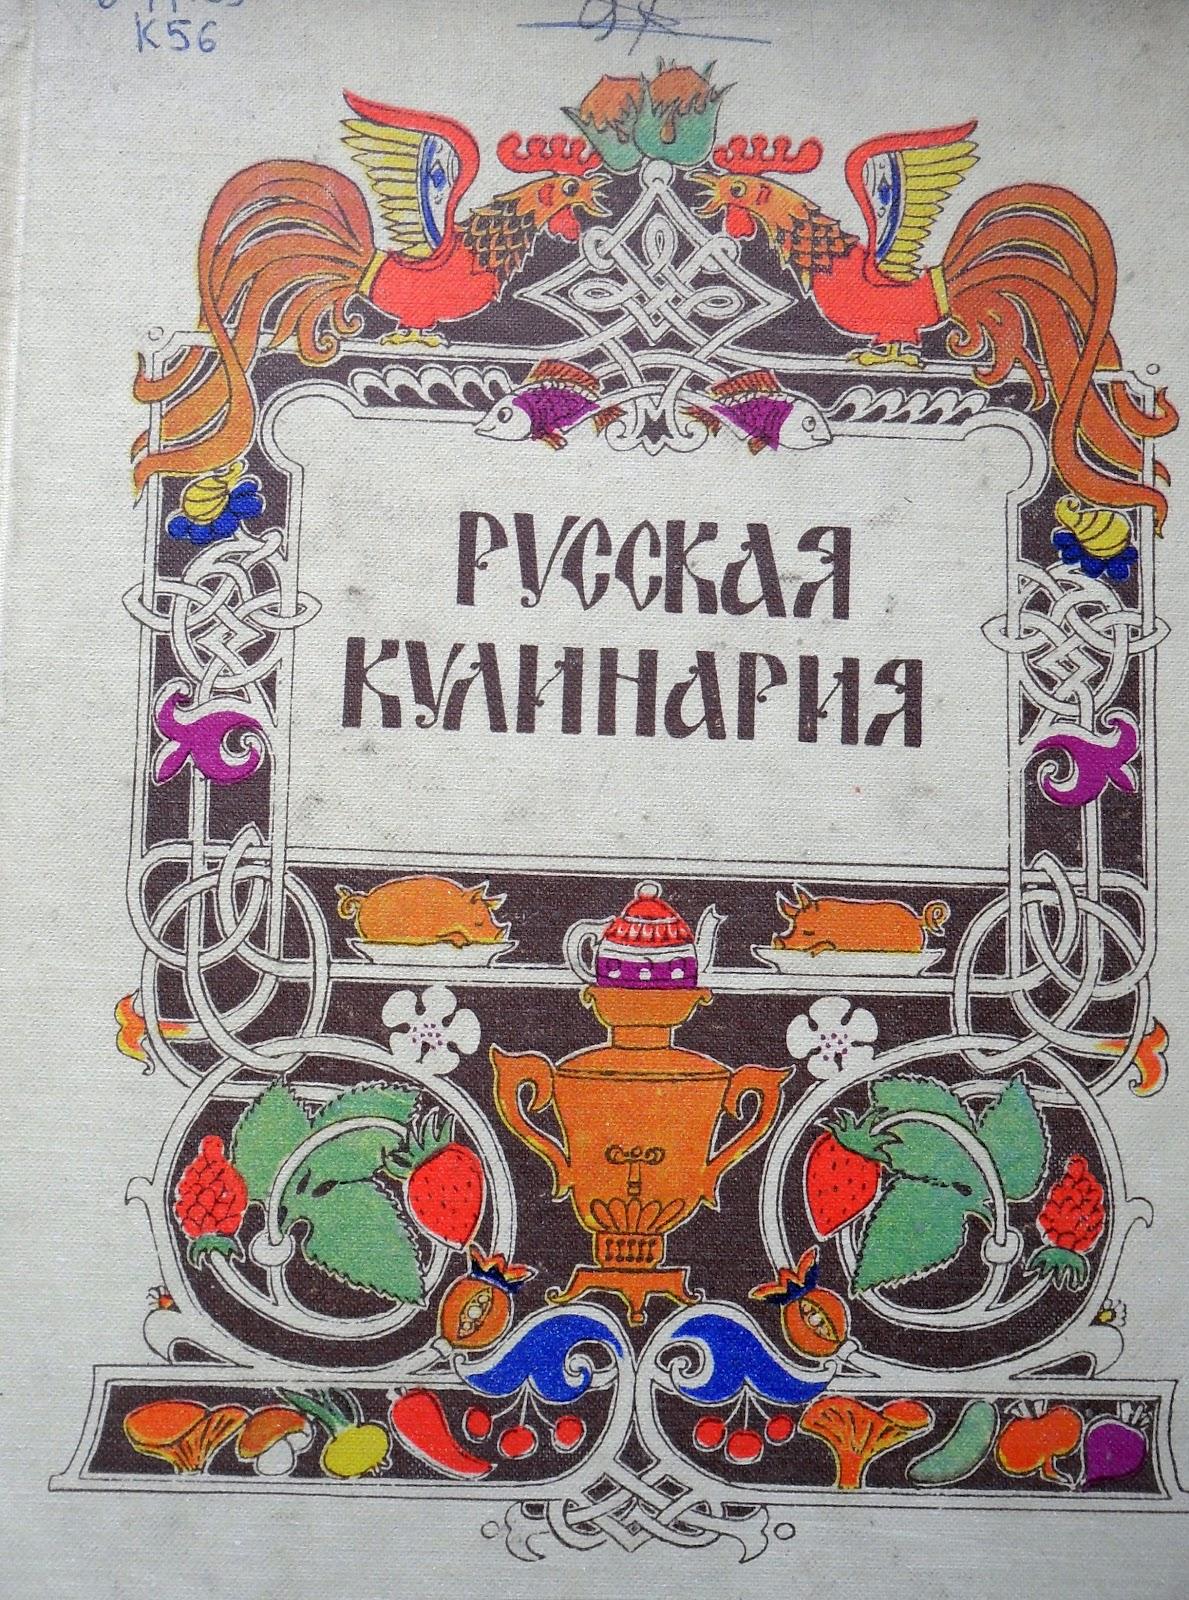 Книги по кулинарии, изданные в СССР - О ЖЖизненных